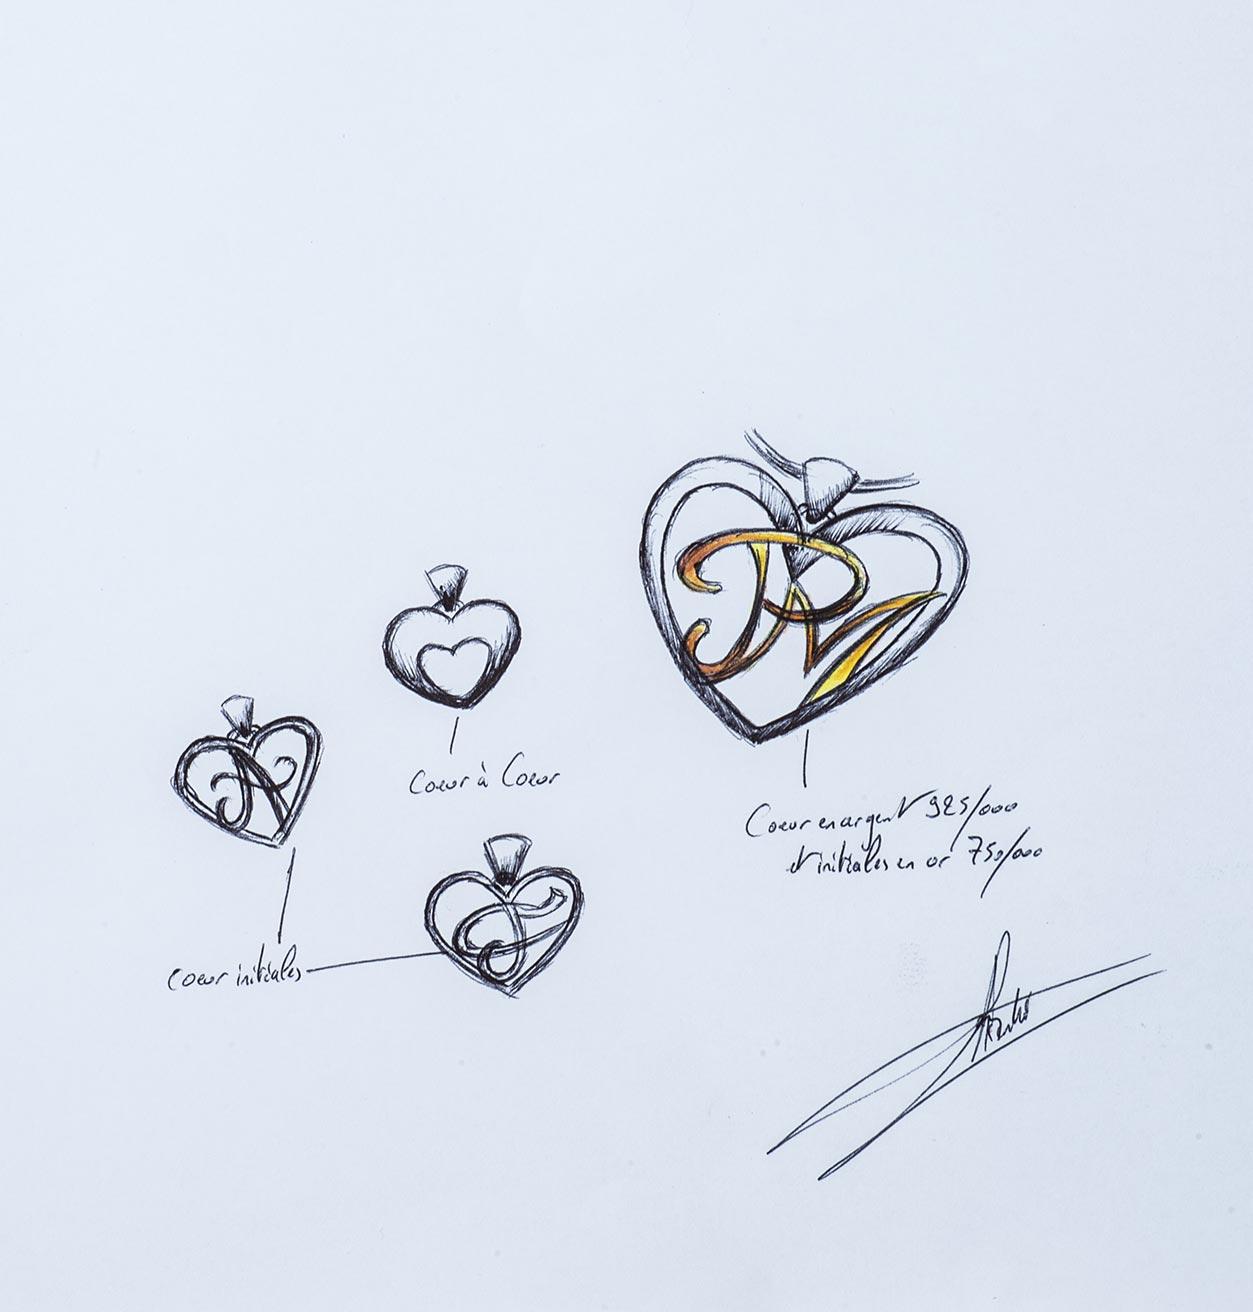 Une création originale Bianchi commandée pour la St-Valentin - Esquisse